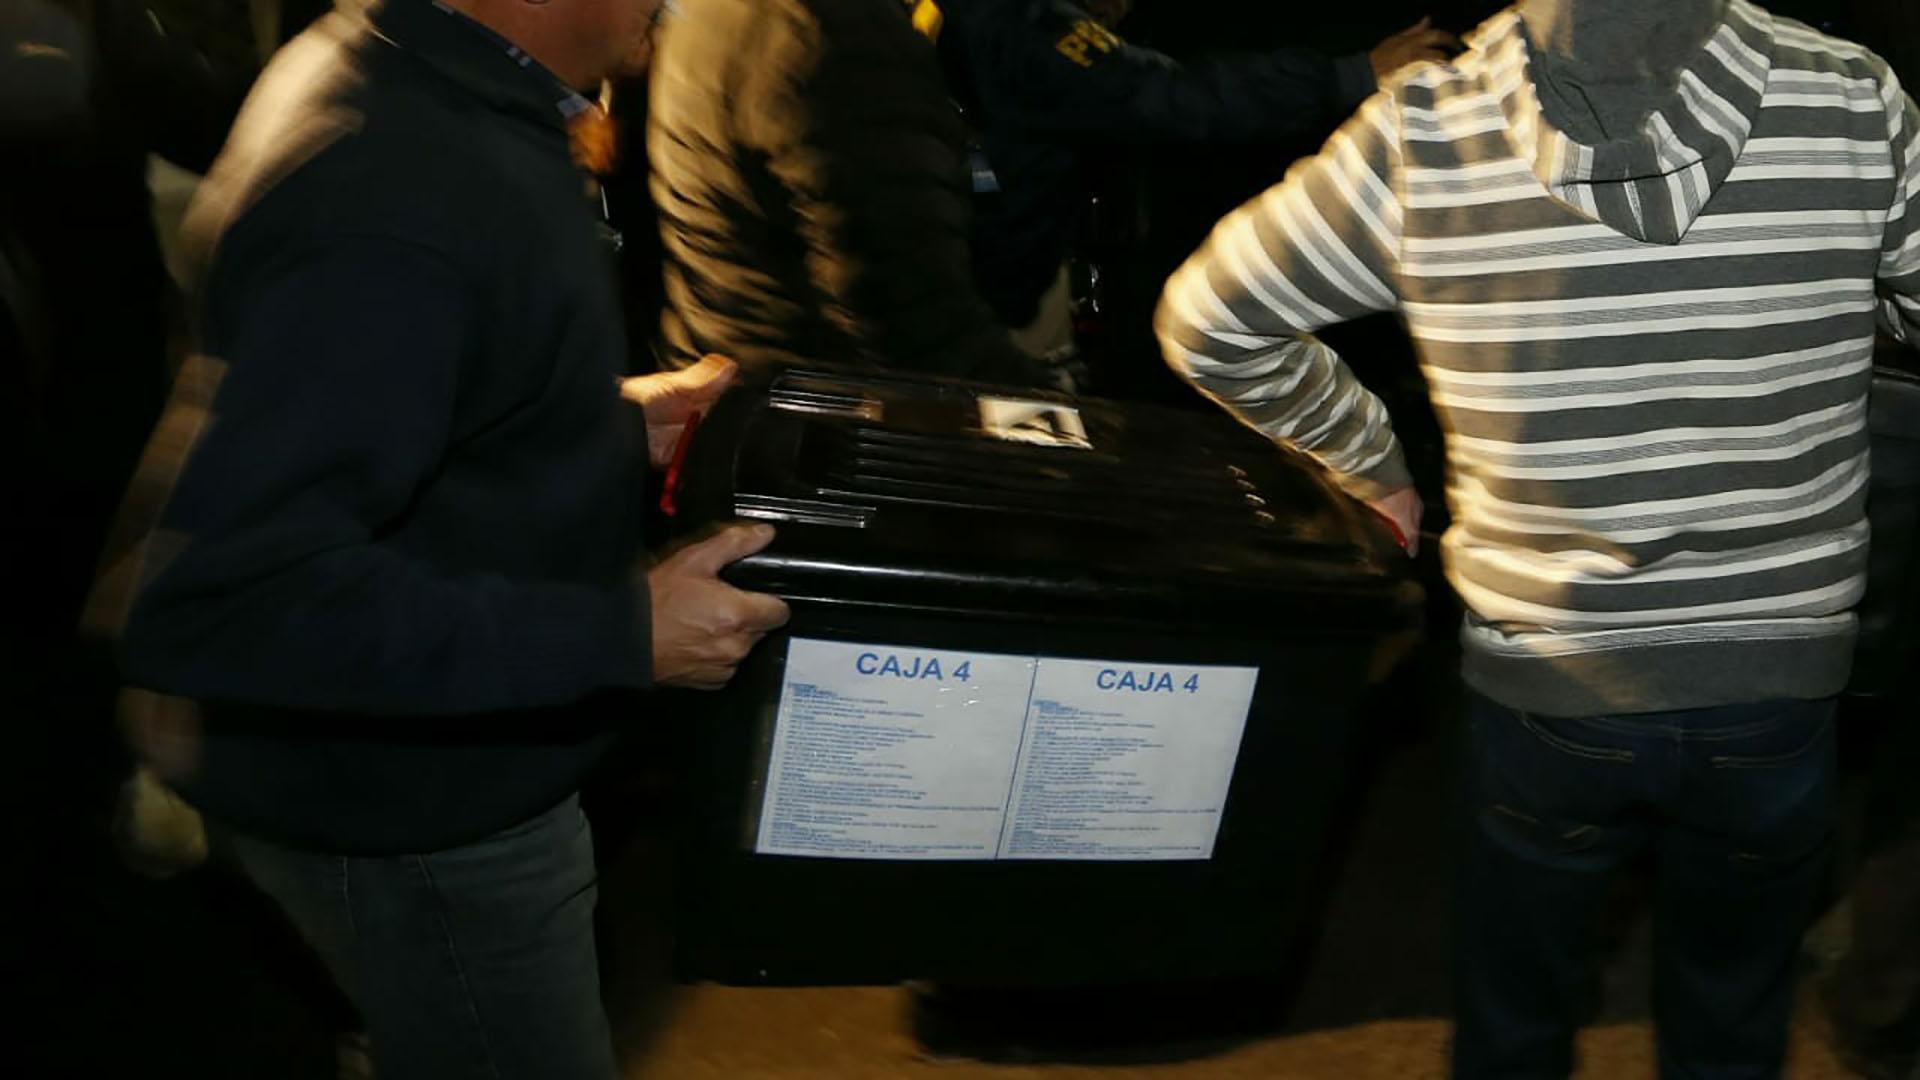 Los efectivos entraron con herramientas y, pasadas las ocho de la noche, se llevaron las primeras cajas